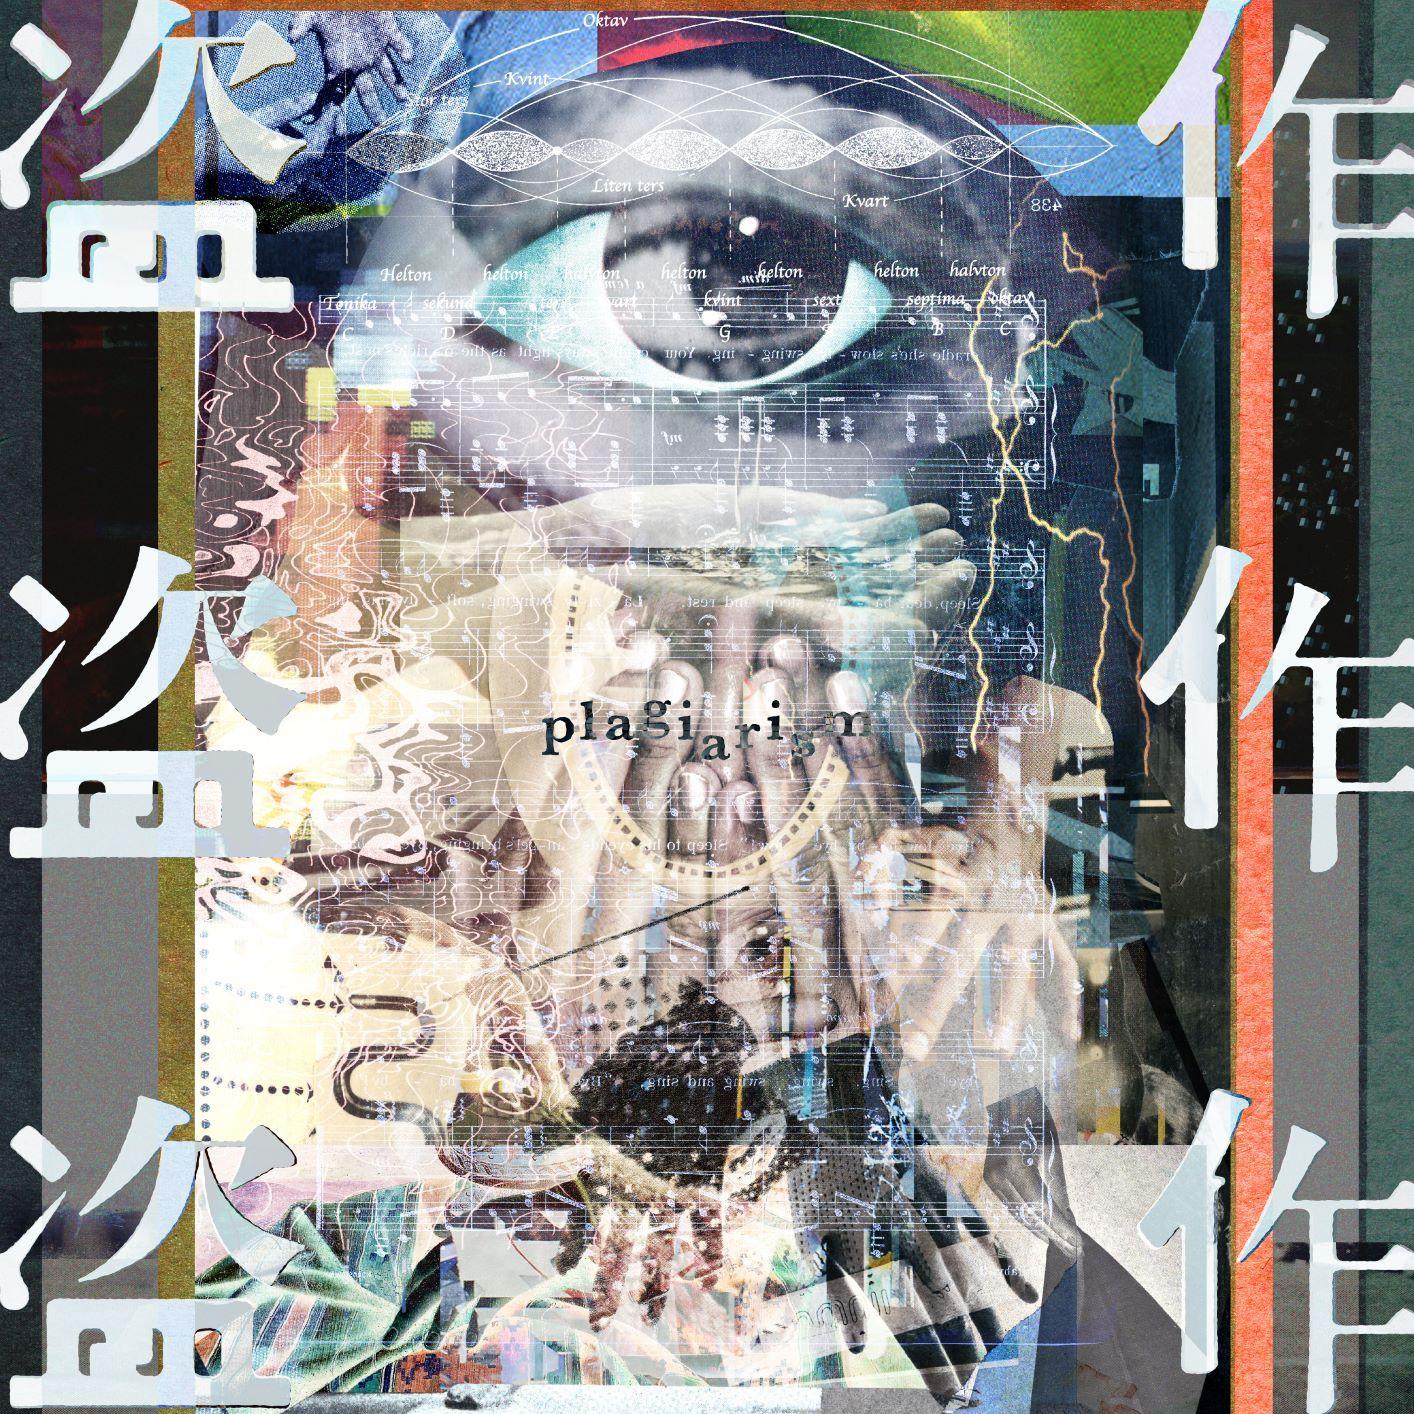 ヨルシカ、3rdアルバム『盗作』全曲クロスフェード試聴映像を公開